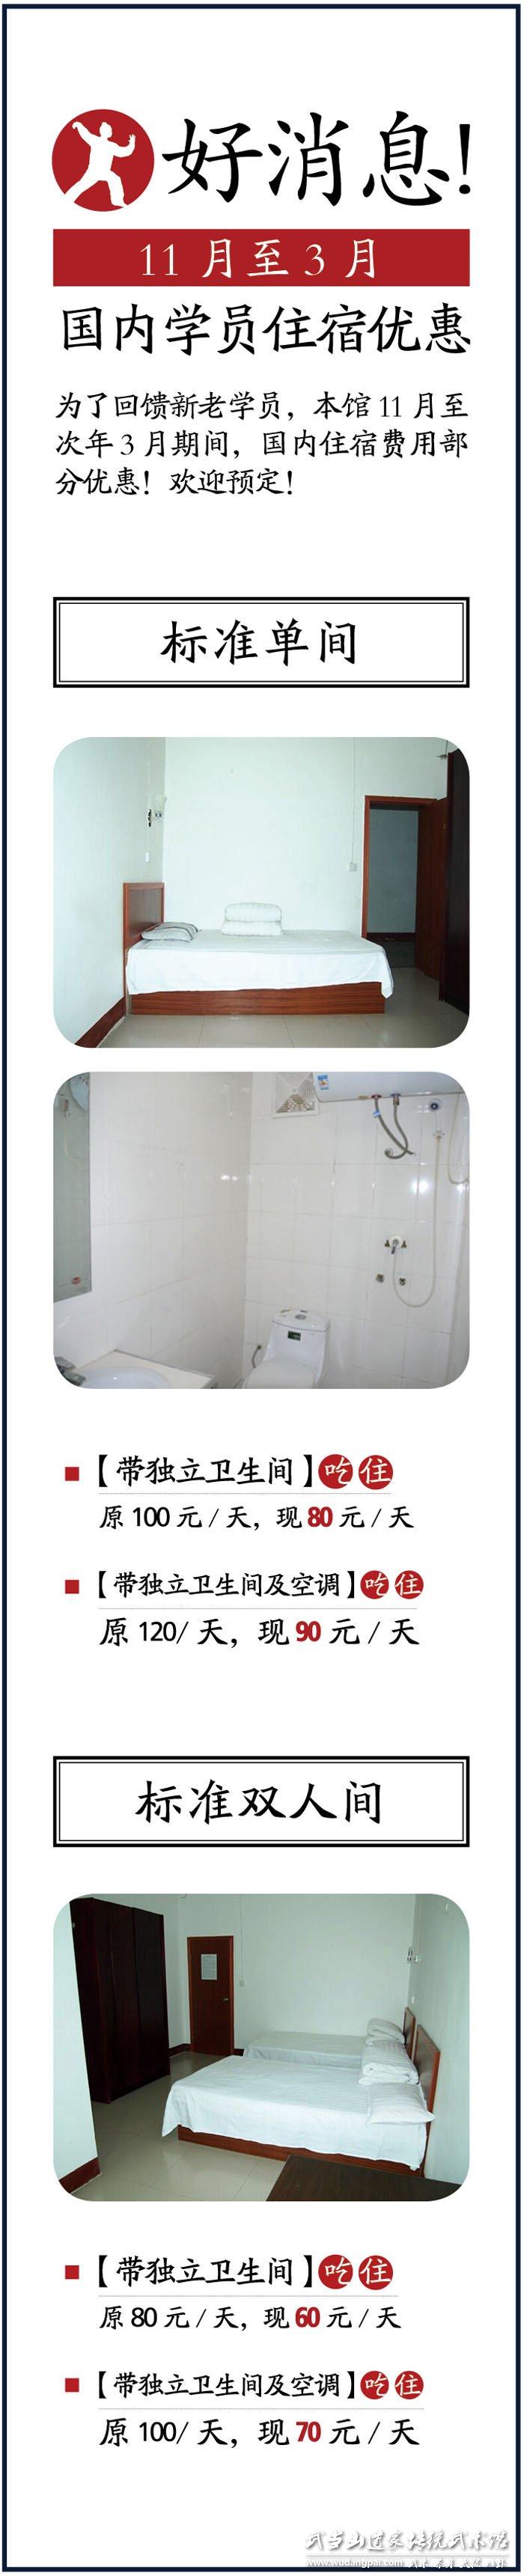 好消息!11月至3月,我馆住宿房间优惠!欢迎预定!